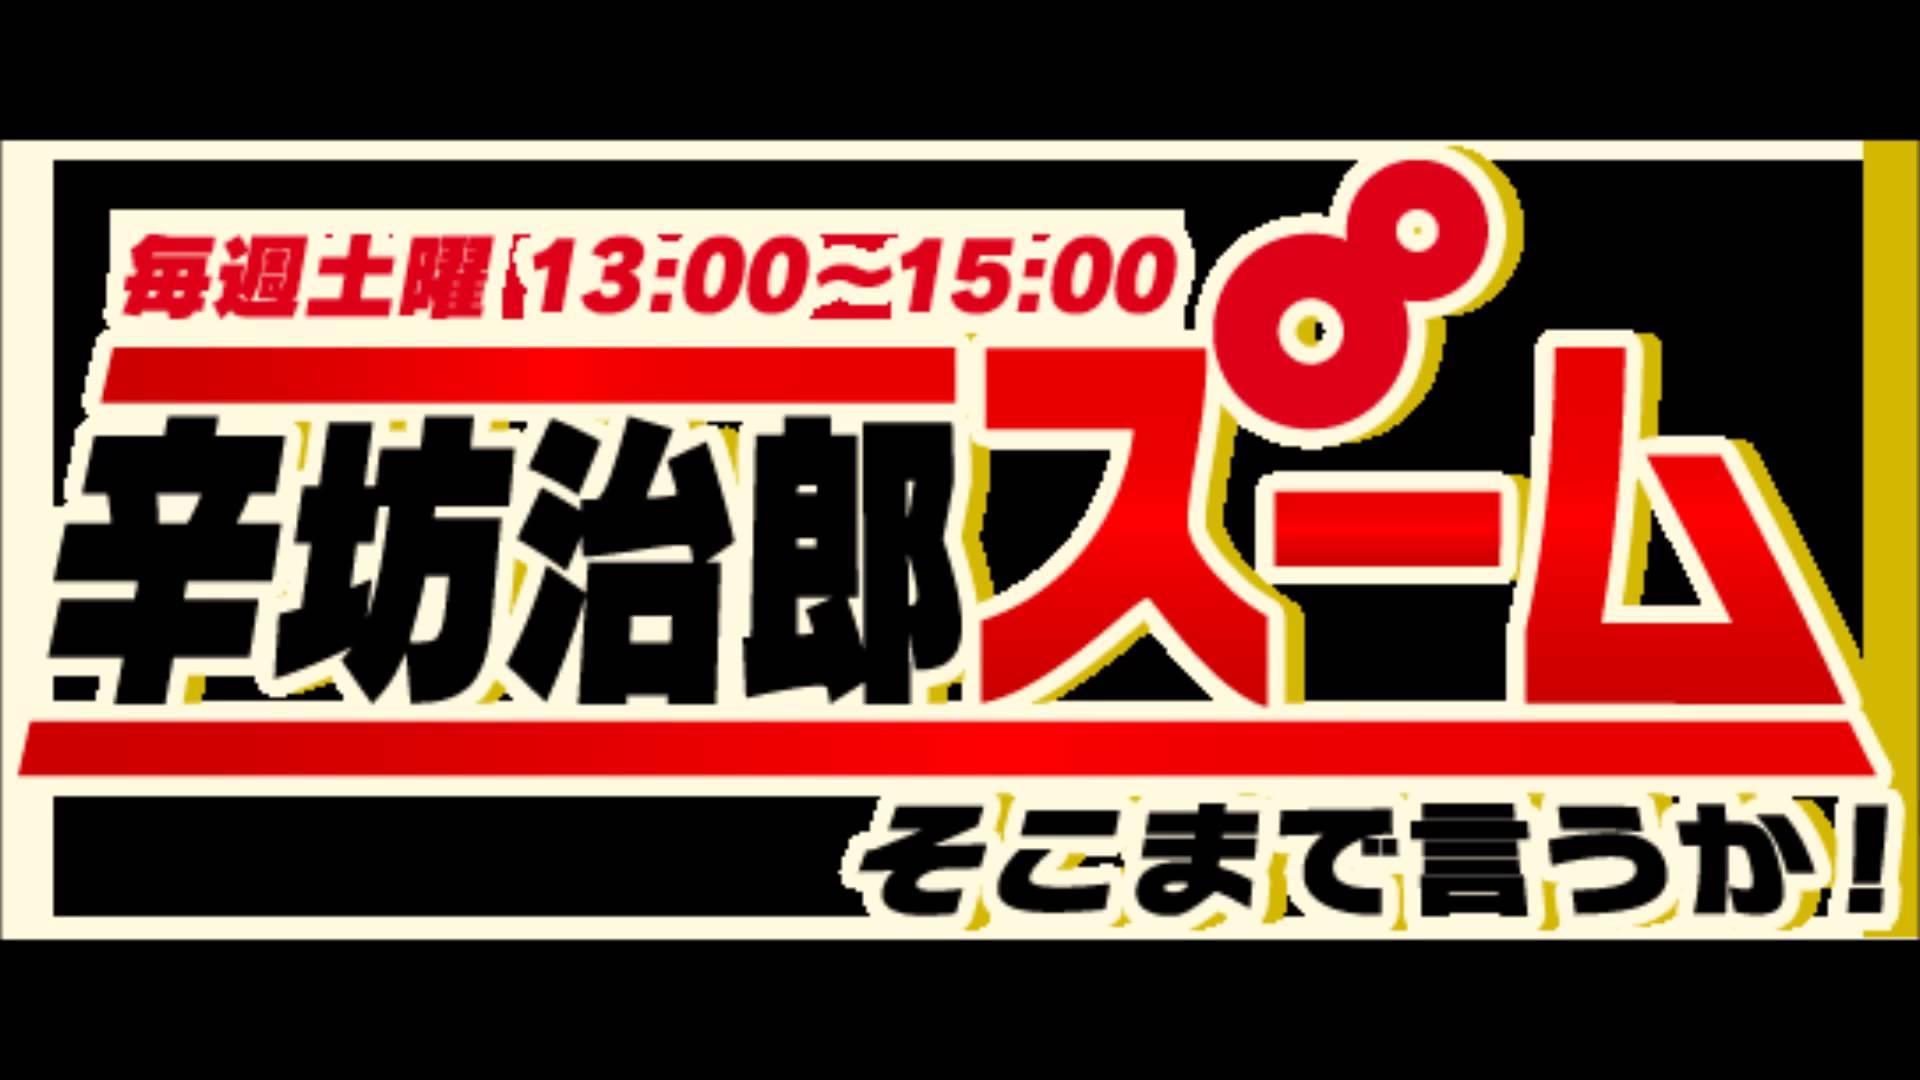 大阪都構想関連【大阪市議会の不都合な真実】(辛坊治郎 ズーム!そこまで言うか)